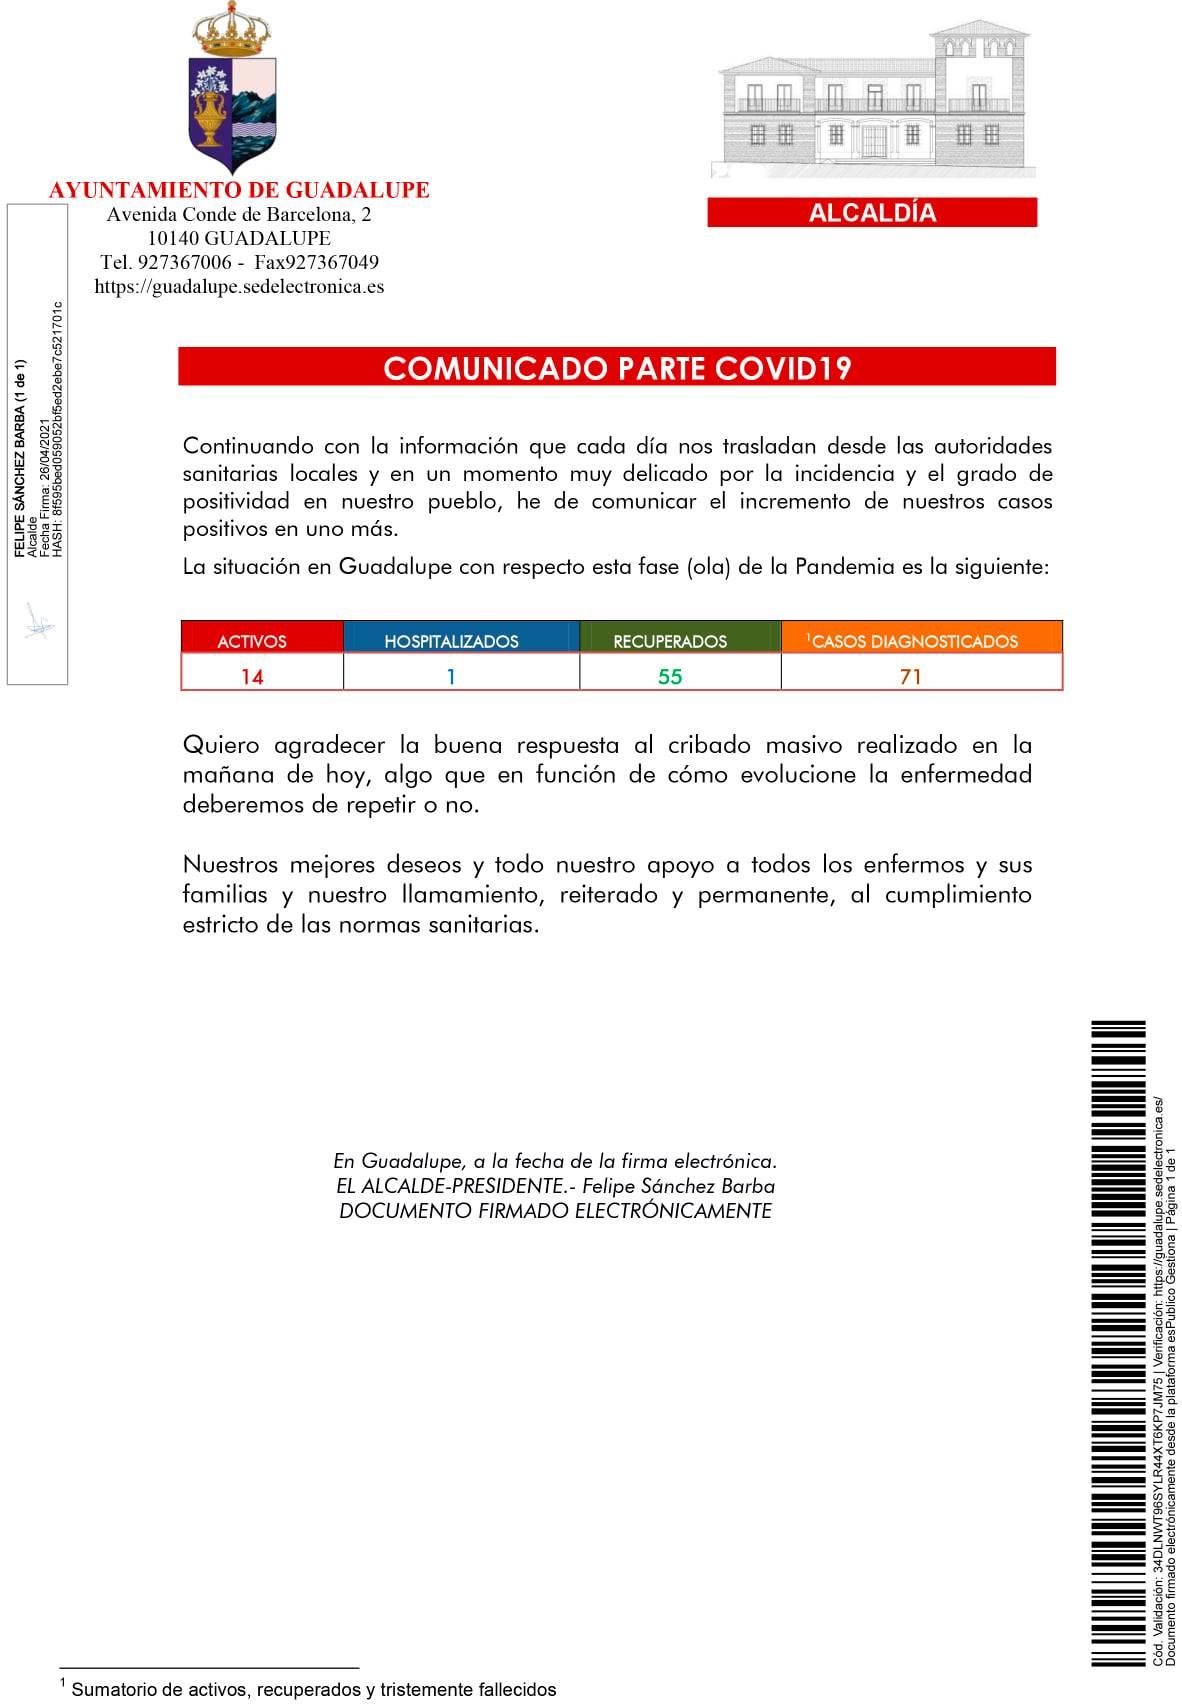 14 casos positivos activos de COVID-19 (abril 2021) - Guadalupe (Cáceres)